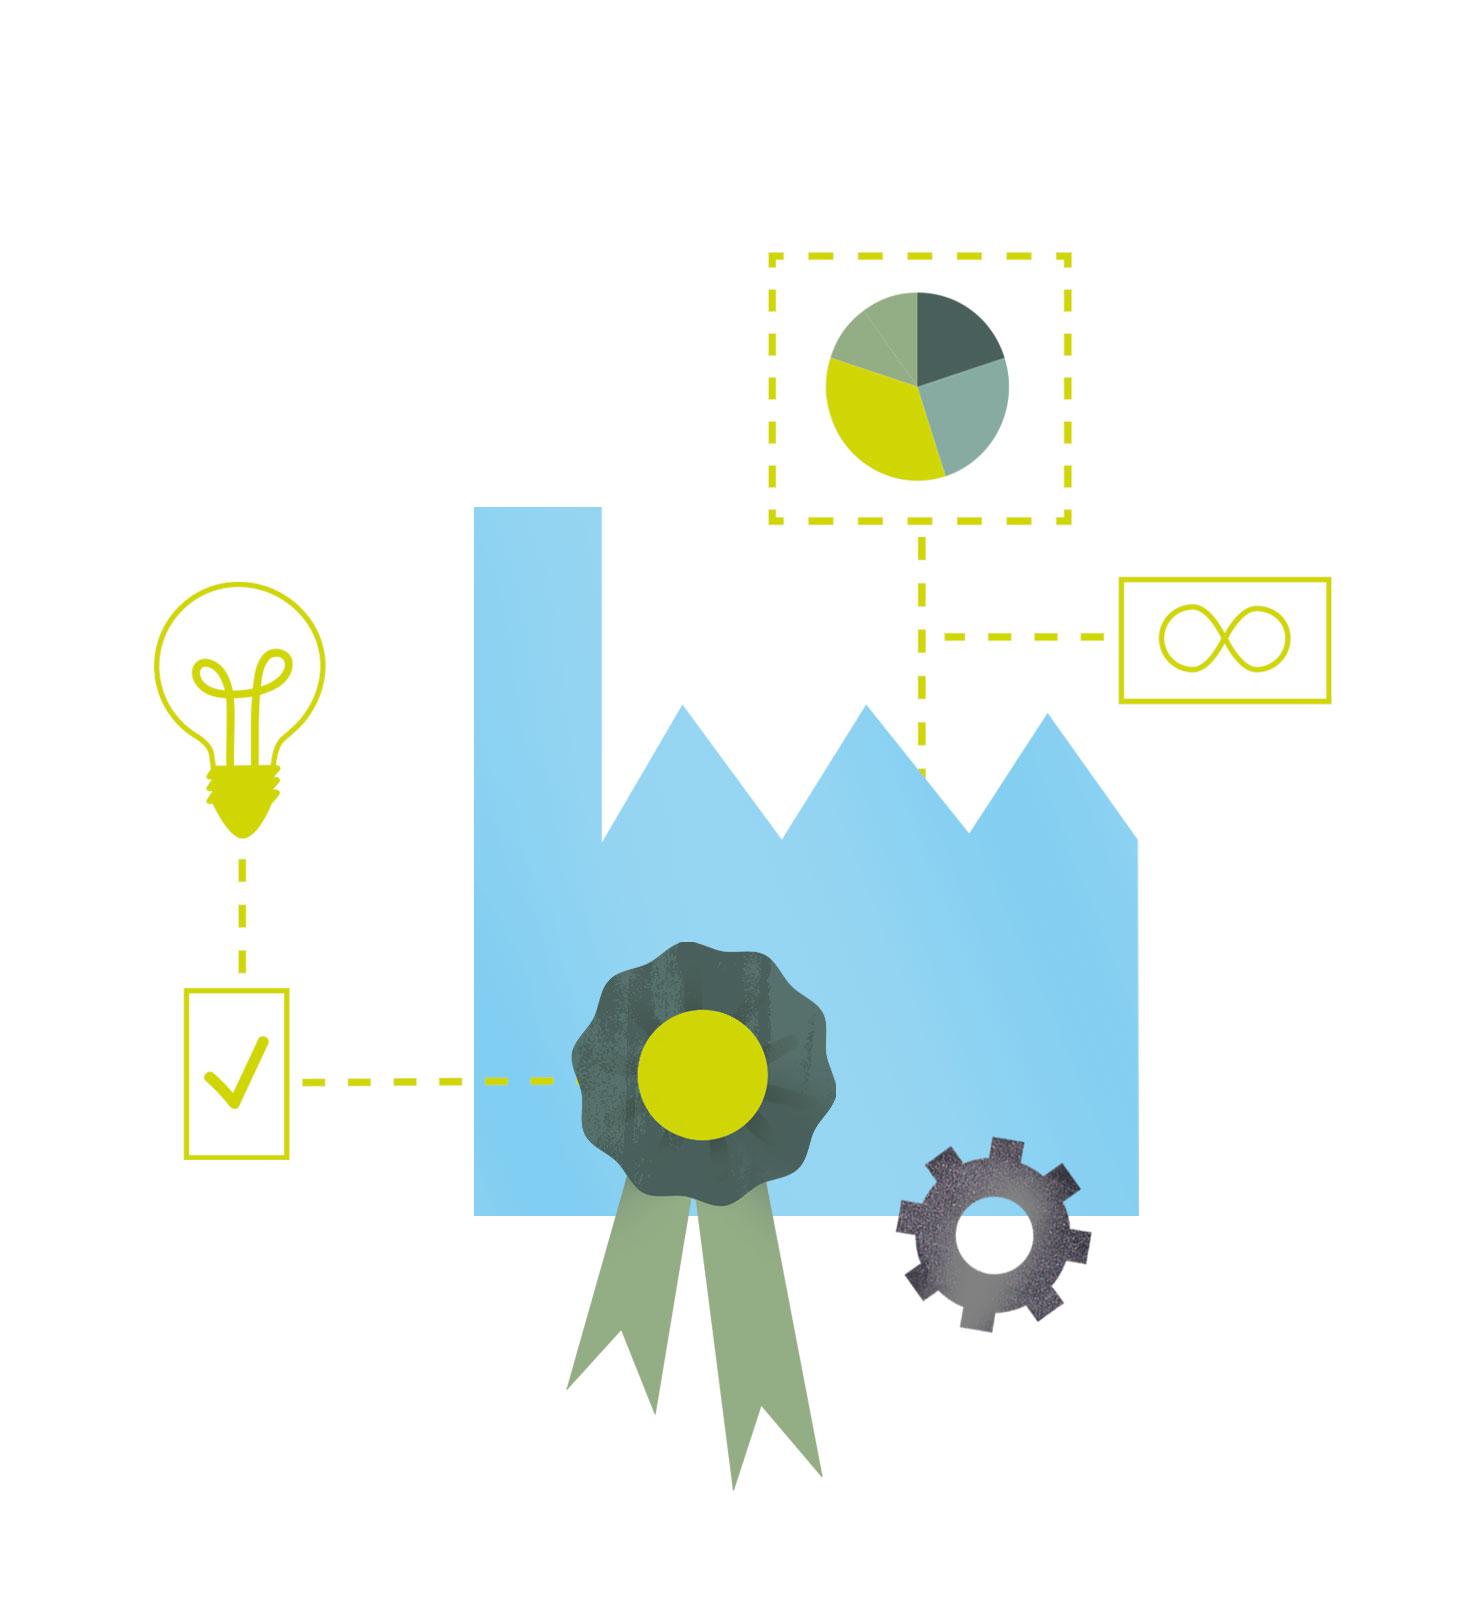 Eine gezeichnete Fabrik, daneben eine Glühbirne, Notizbuch, Diagramme und ein Abzeichen. Symbolbild